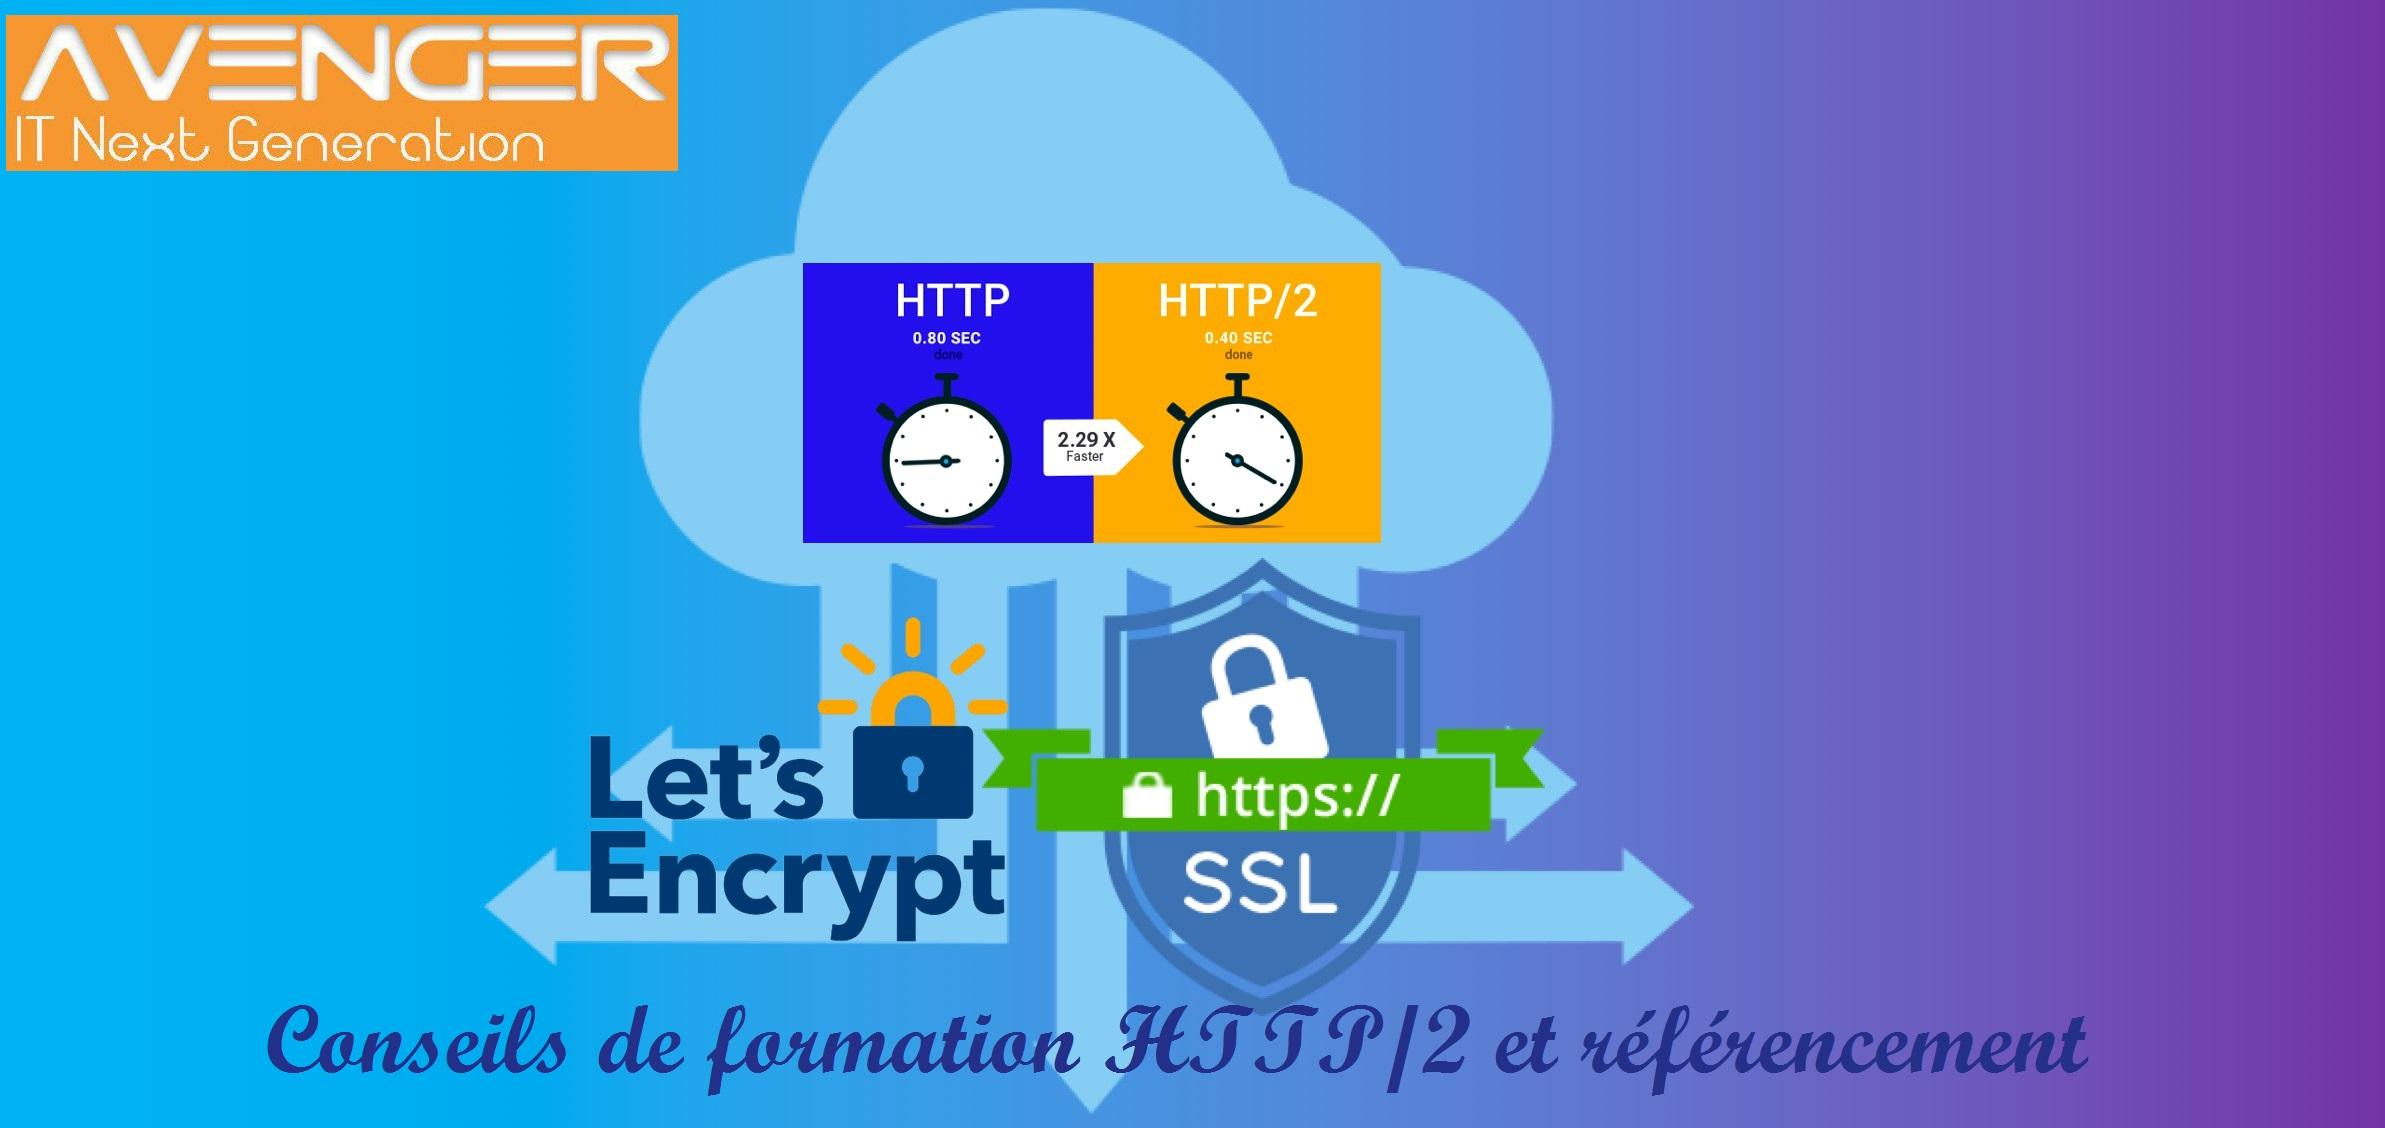 Conseils de formation HTTP/2 et référencement